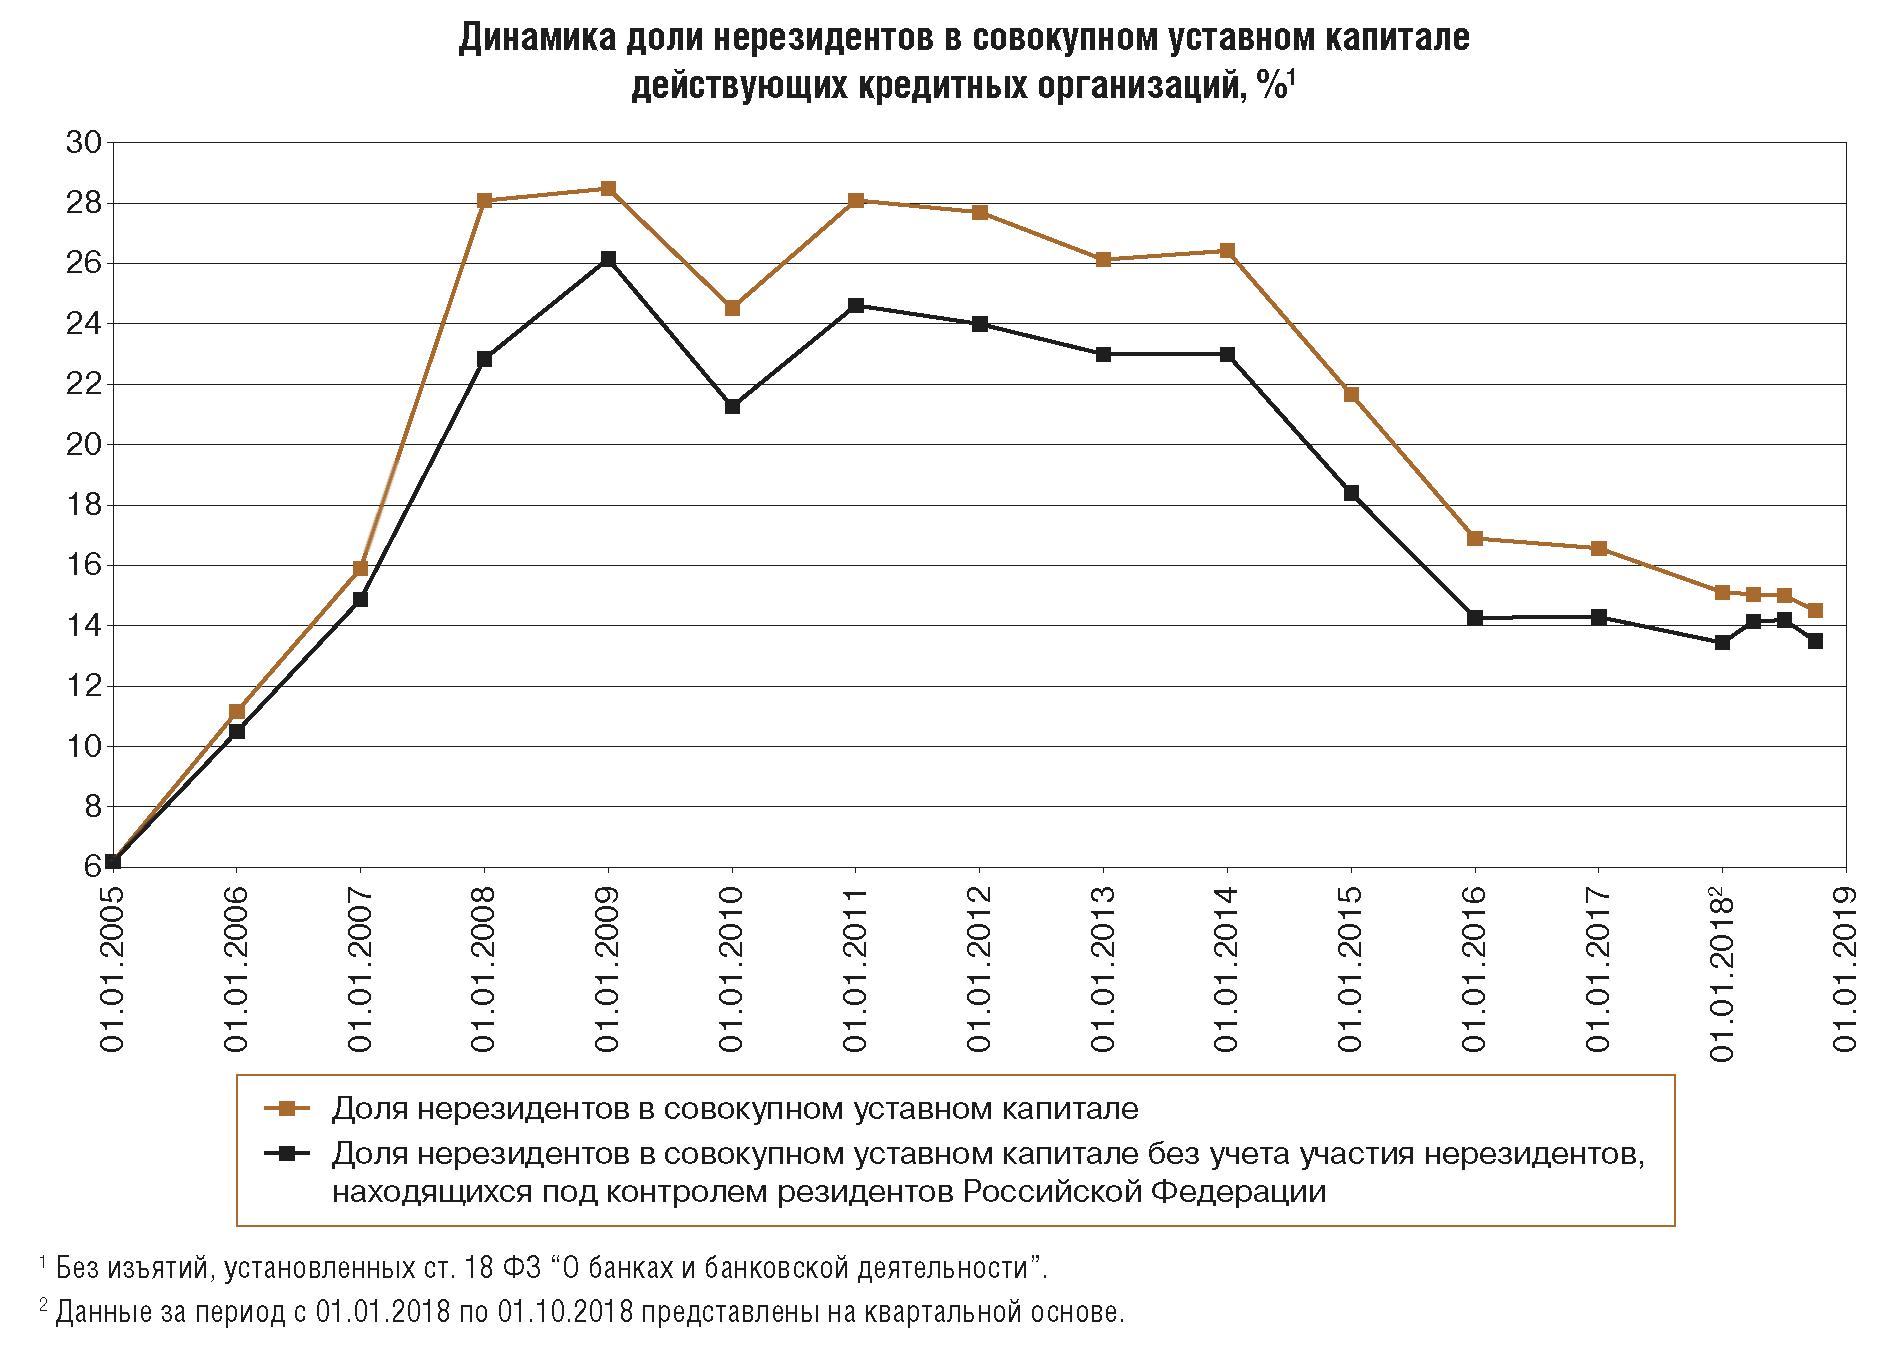 небанковская кредитная организация московский клиринговый центр